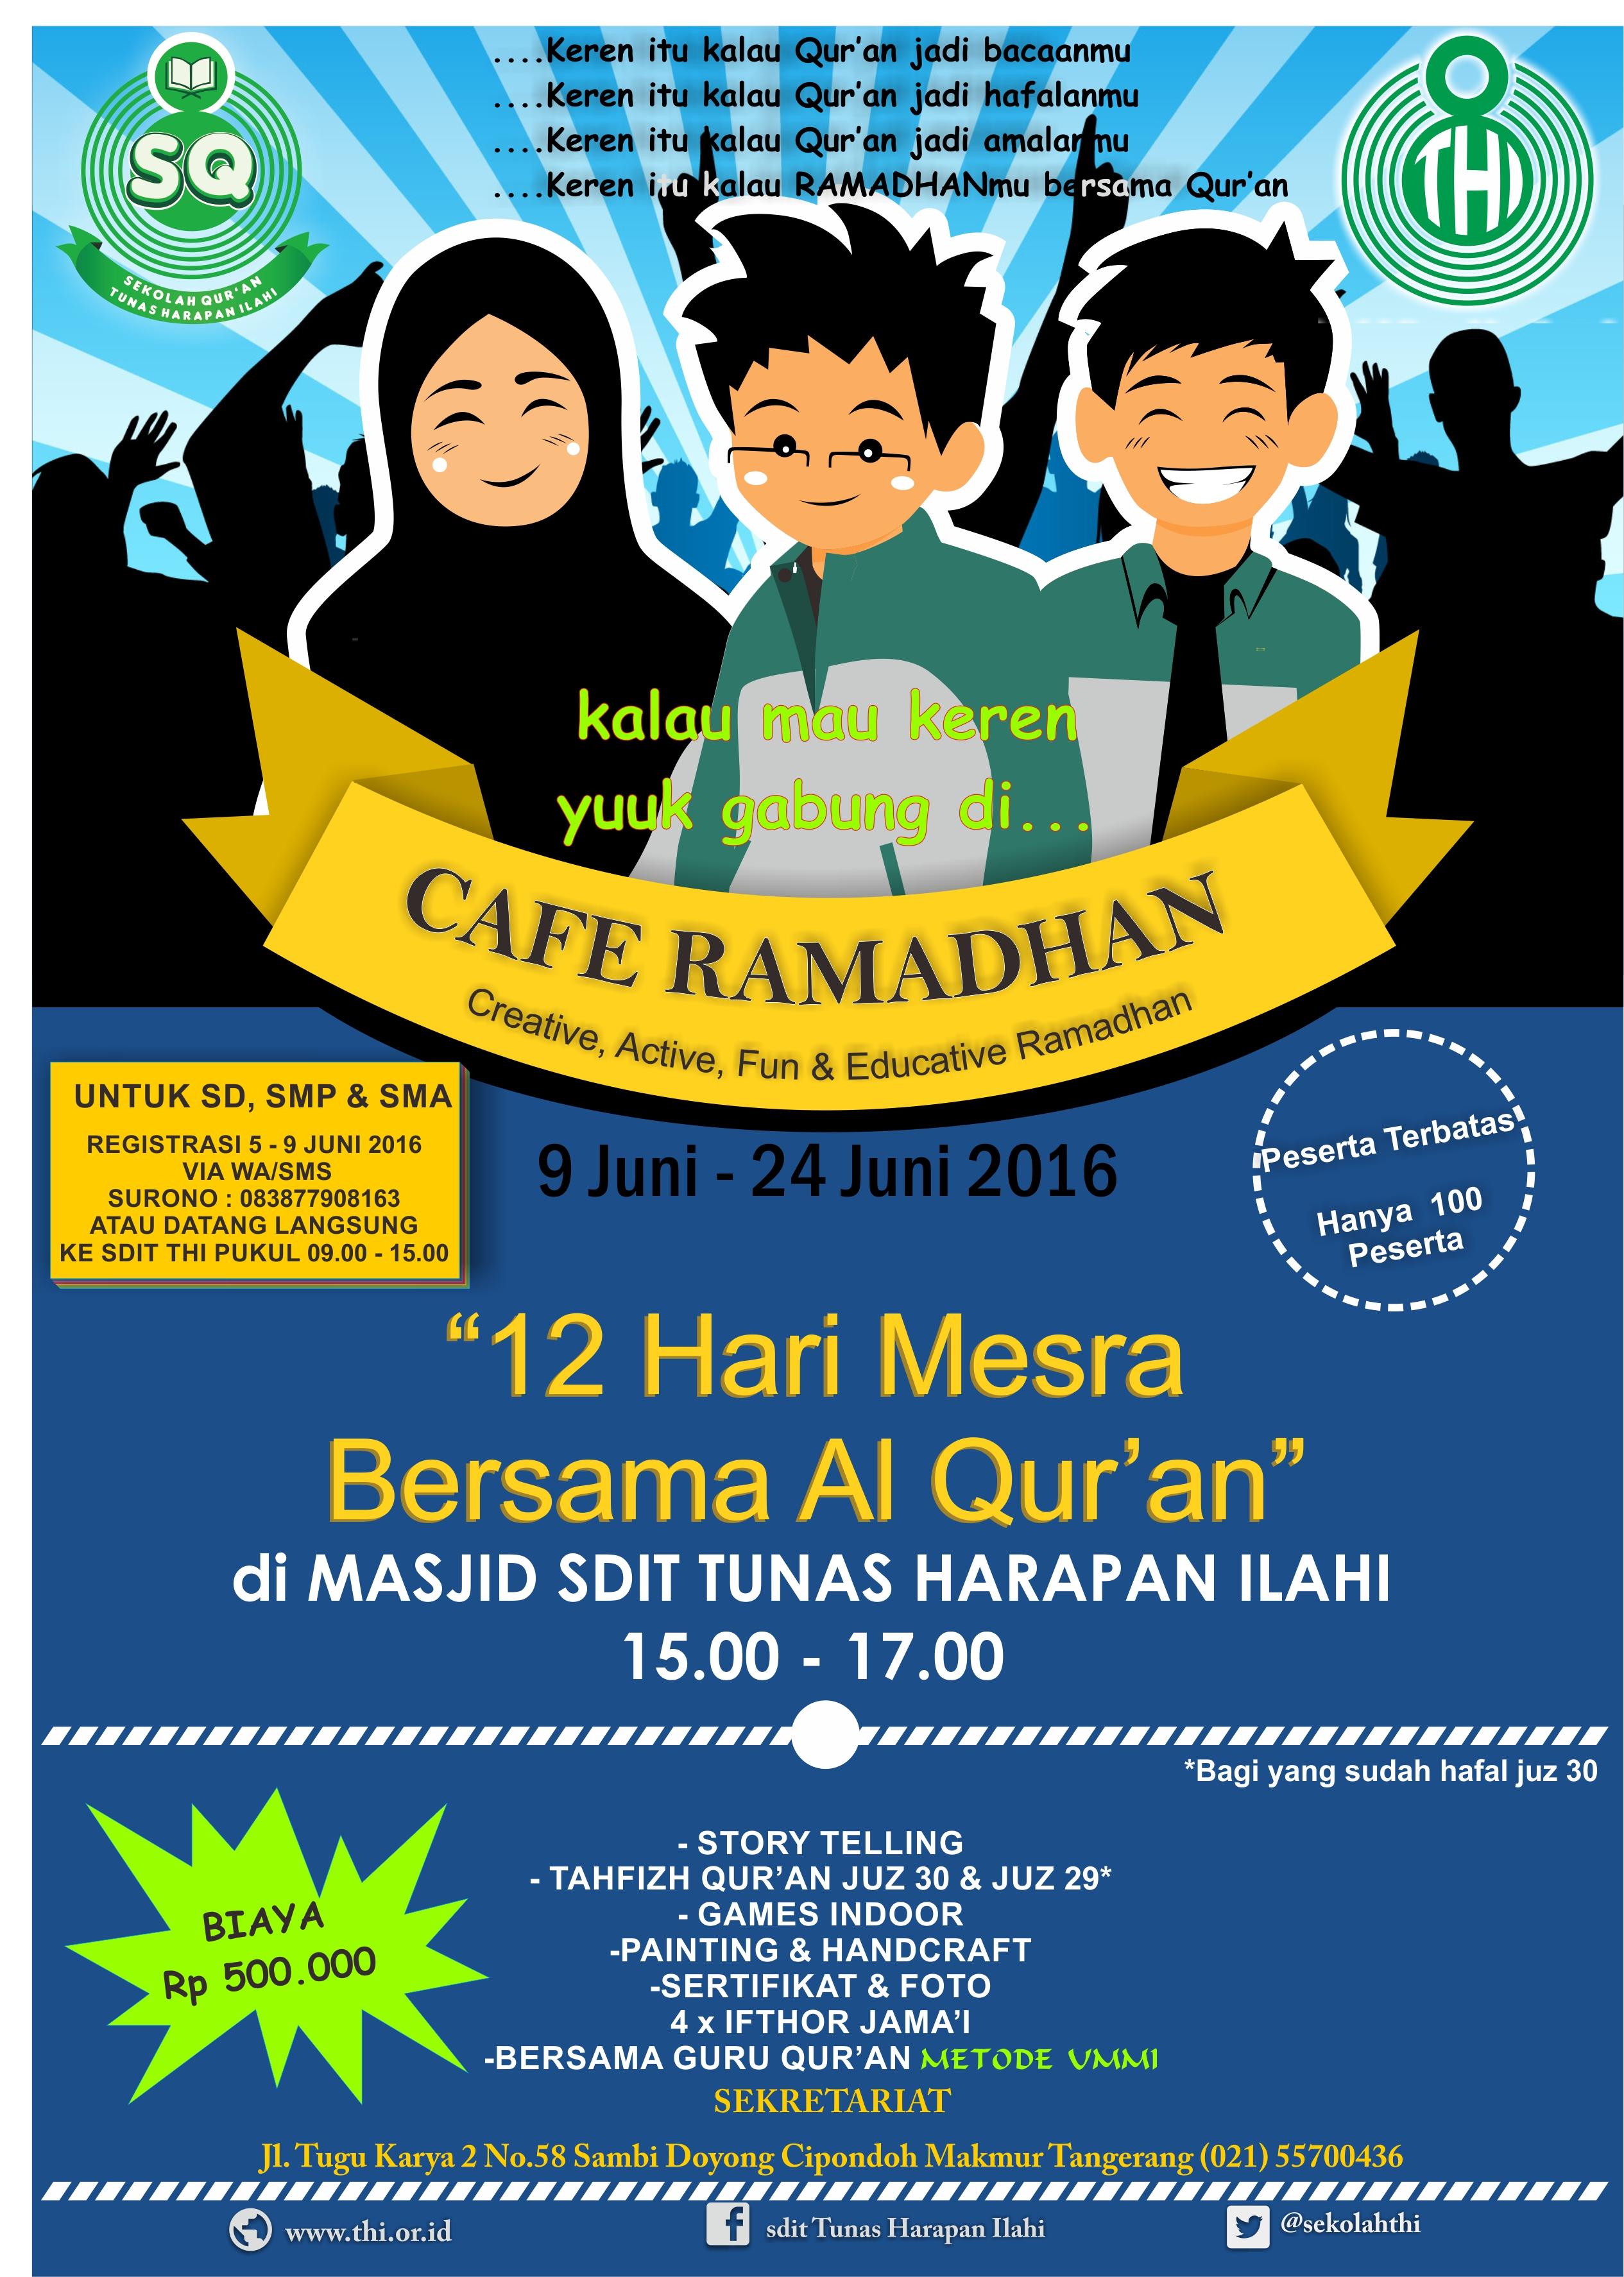 CAFE RAMADHAN 1437 H